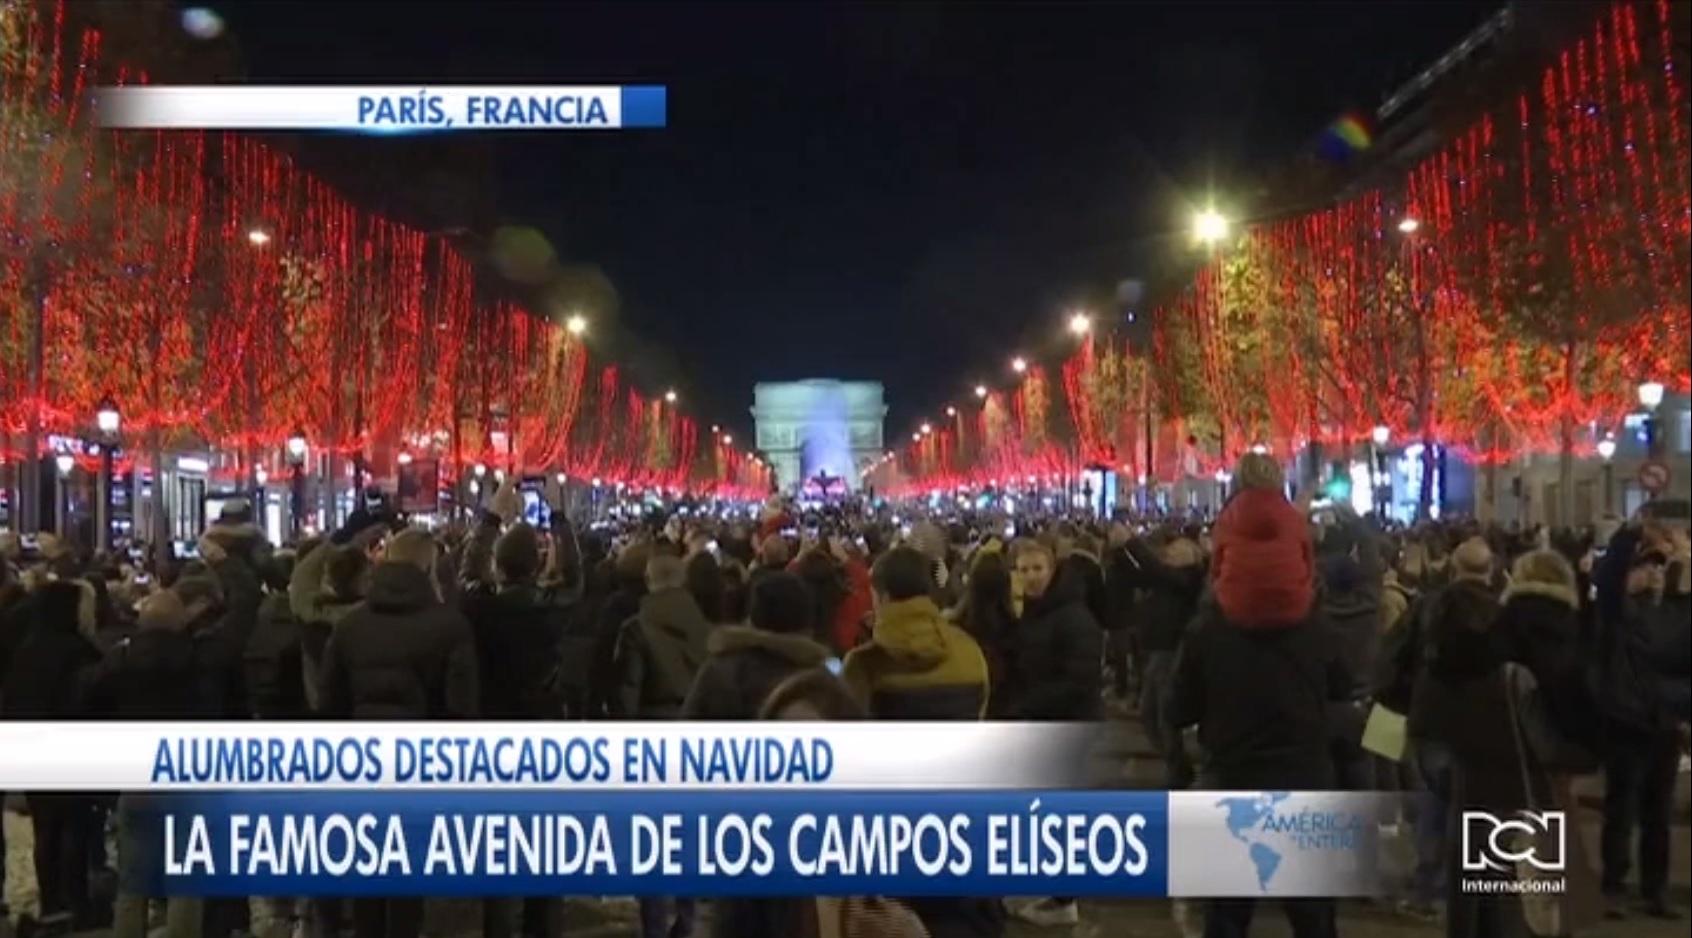 Así brillan las capitales europeas en la llegada de la navidad